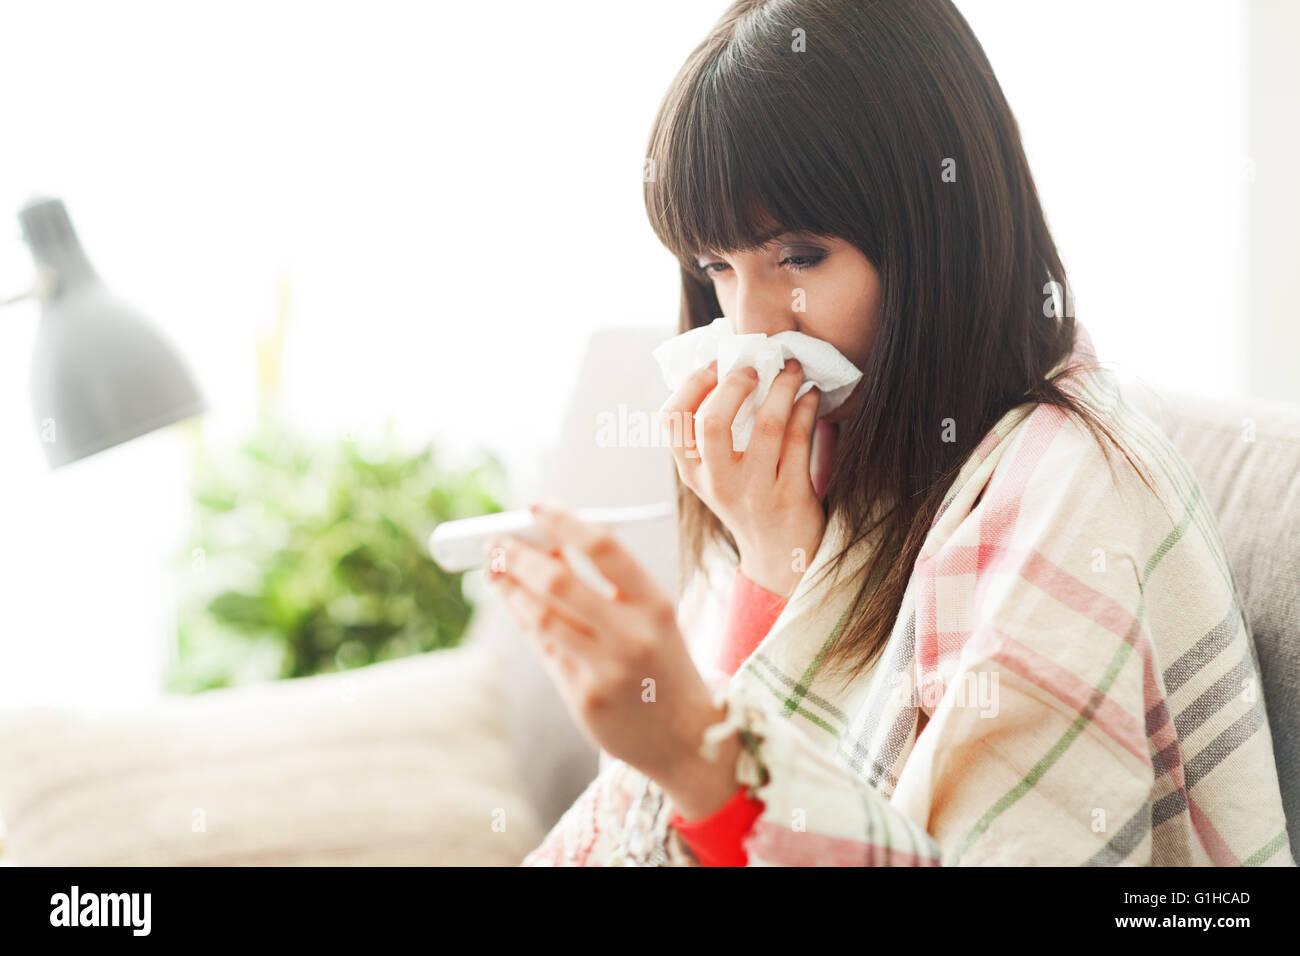 Jeune femme malade avec le rhume et la grippe, elle souffle son nez et la mesure de la température de son corps Photo Stock